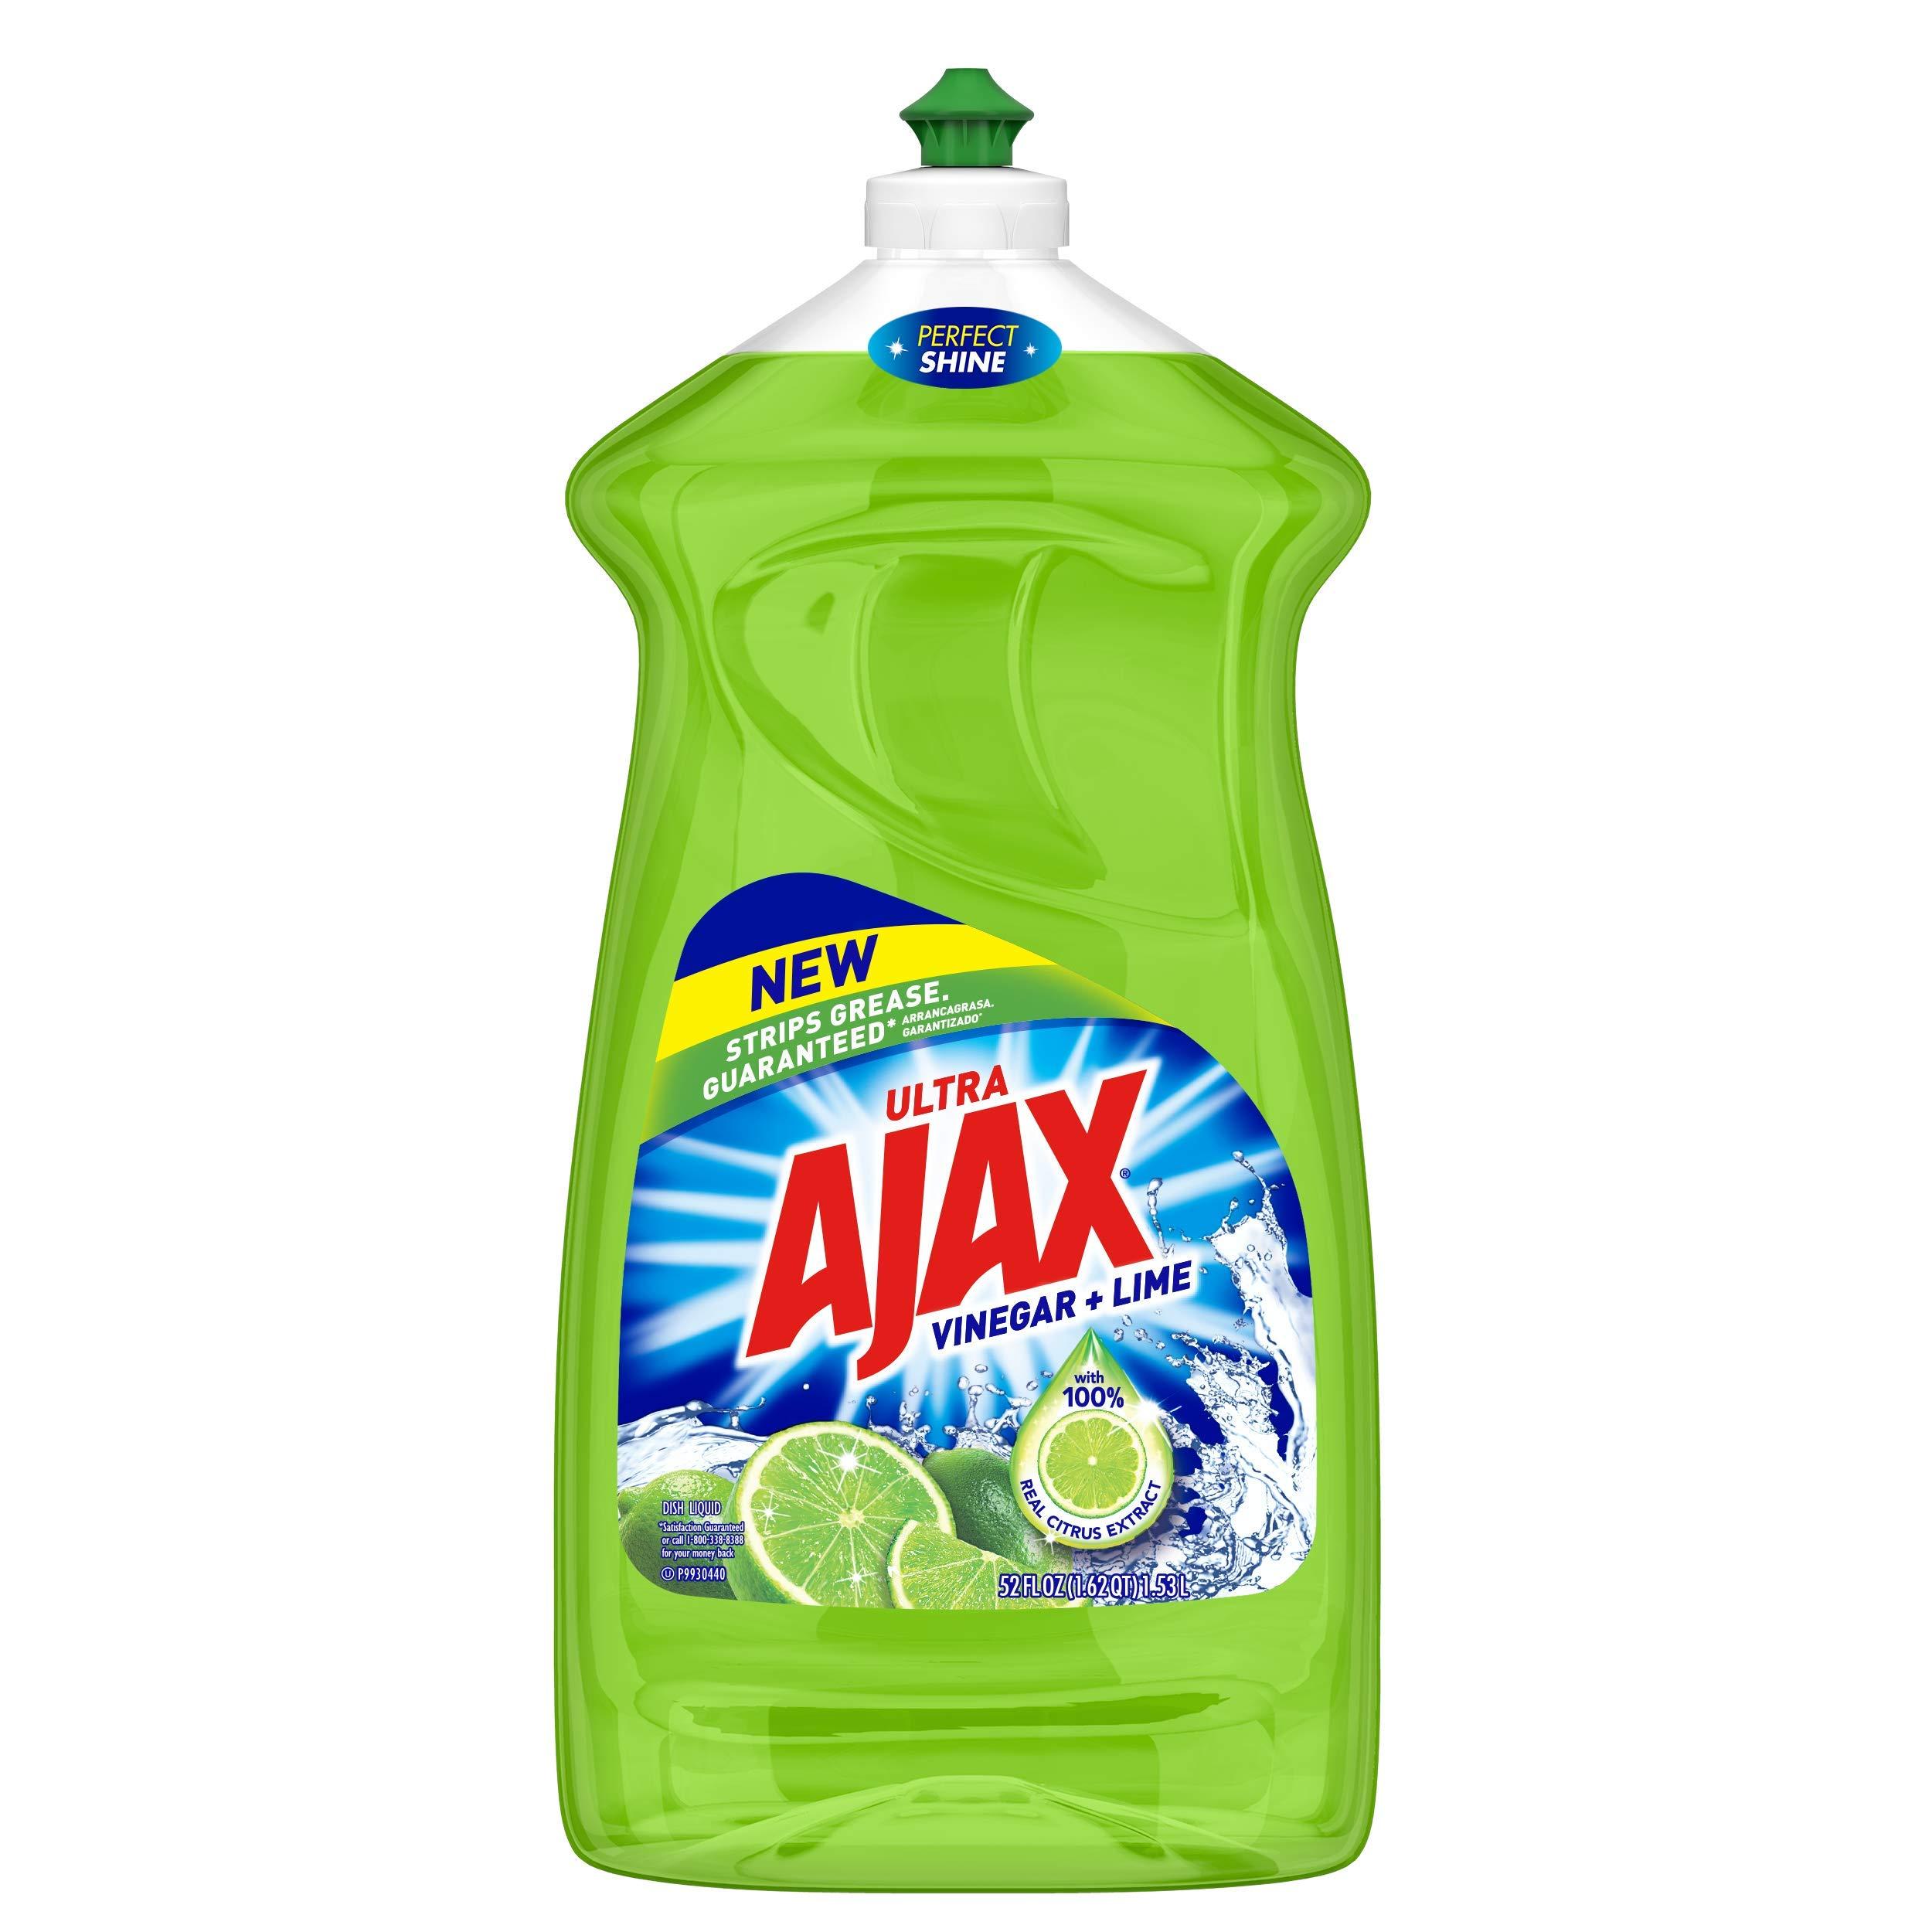 Ajax Ultra Liquid Dish Soap, Vinegar and Lime - 52 Fluid Ounce